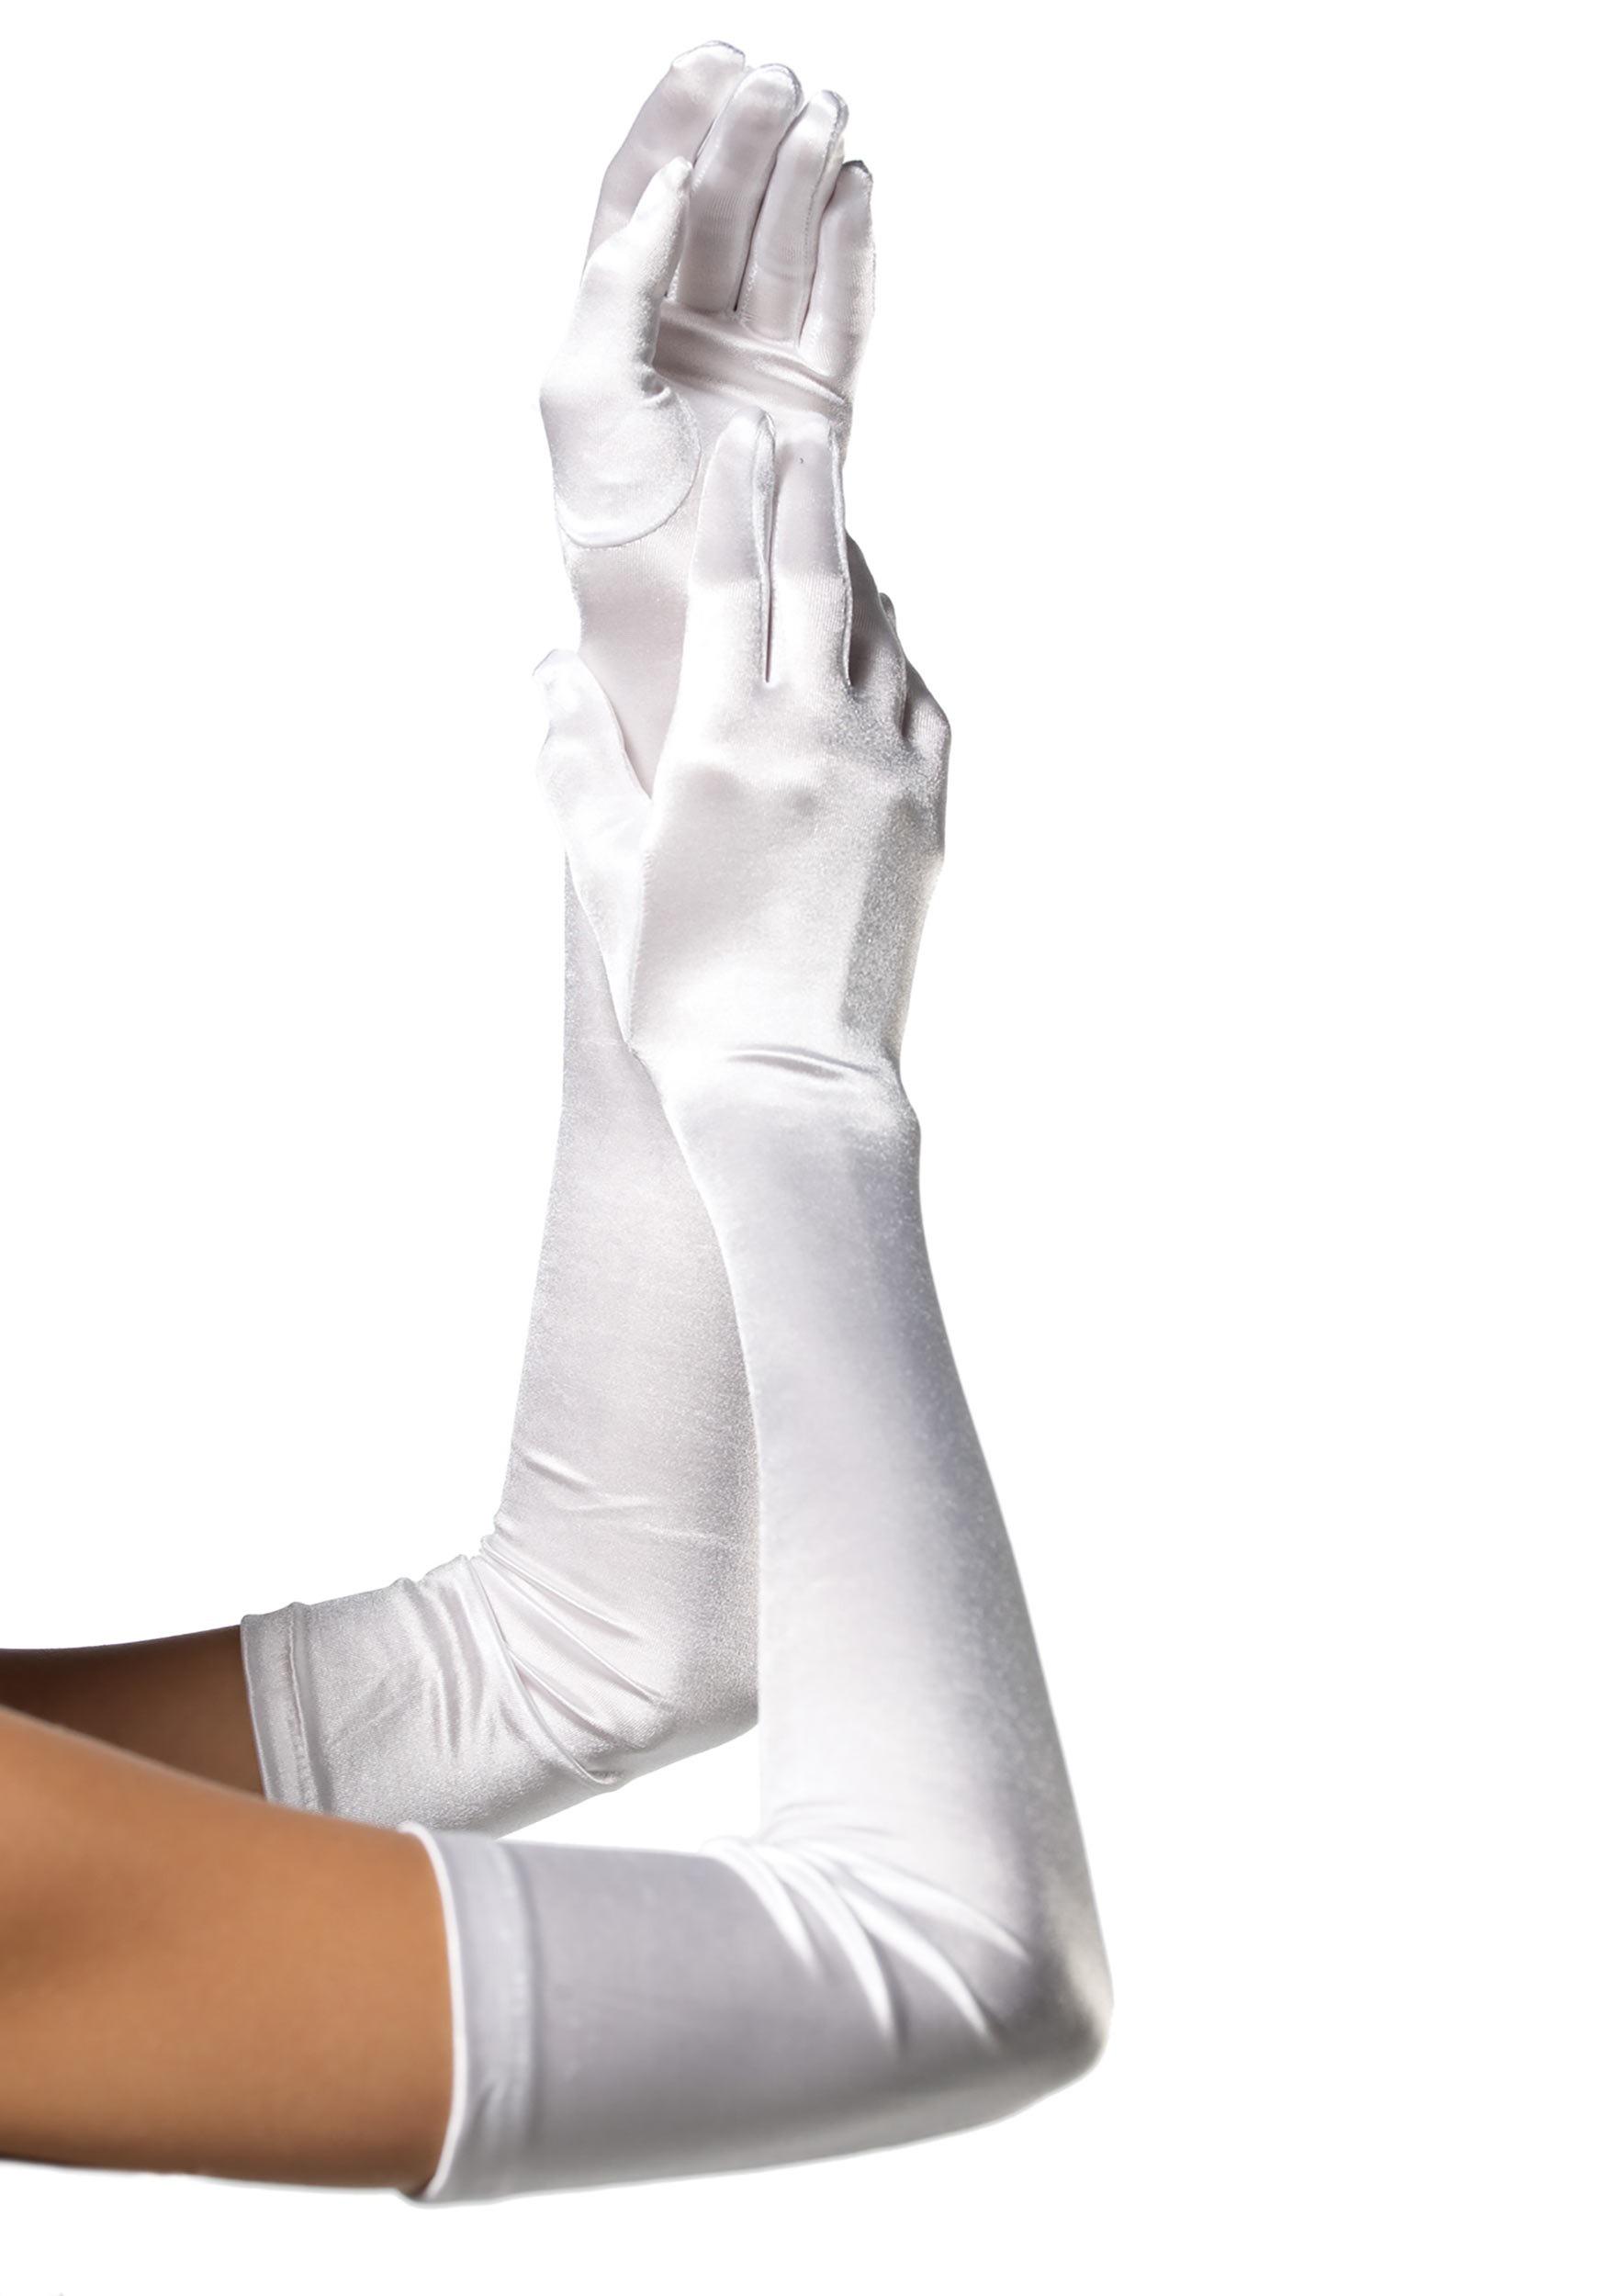 Extra Long White Satin Gloves for Women